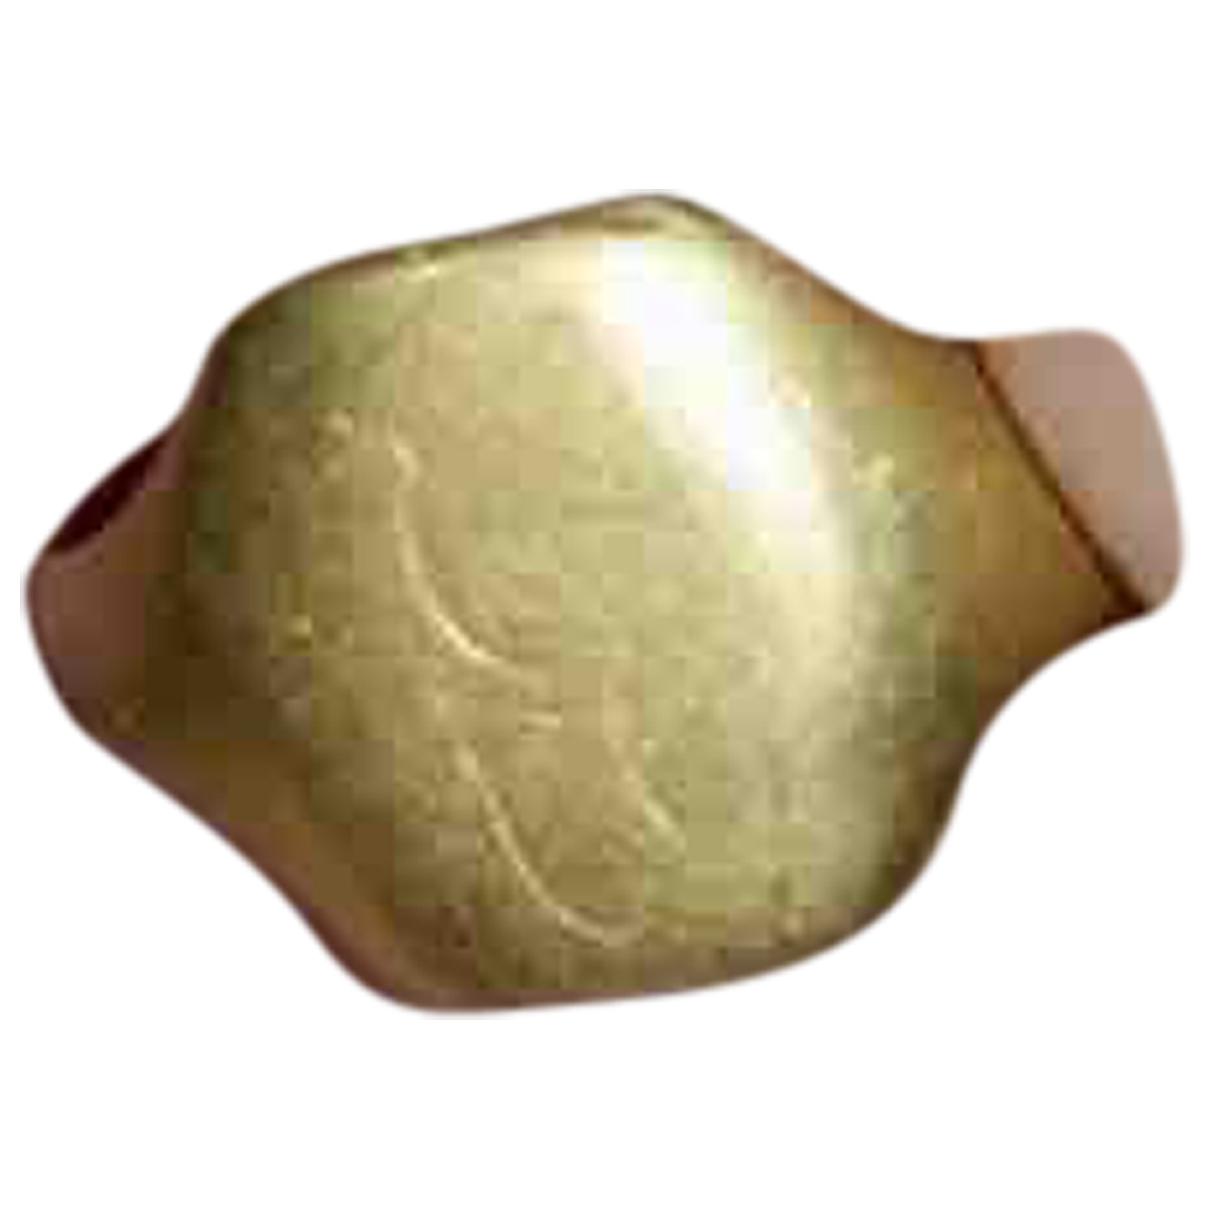 Anillo Chevalieres de Oro amarillo Non Signe / Unsigned